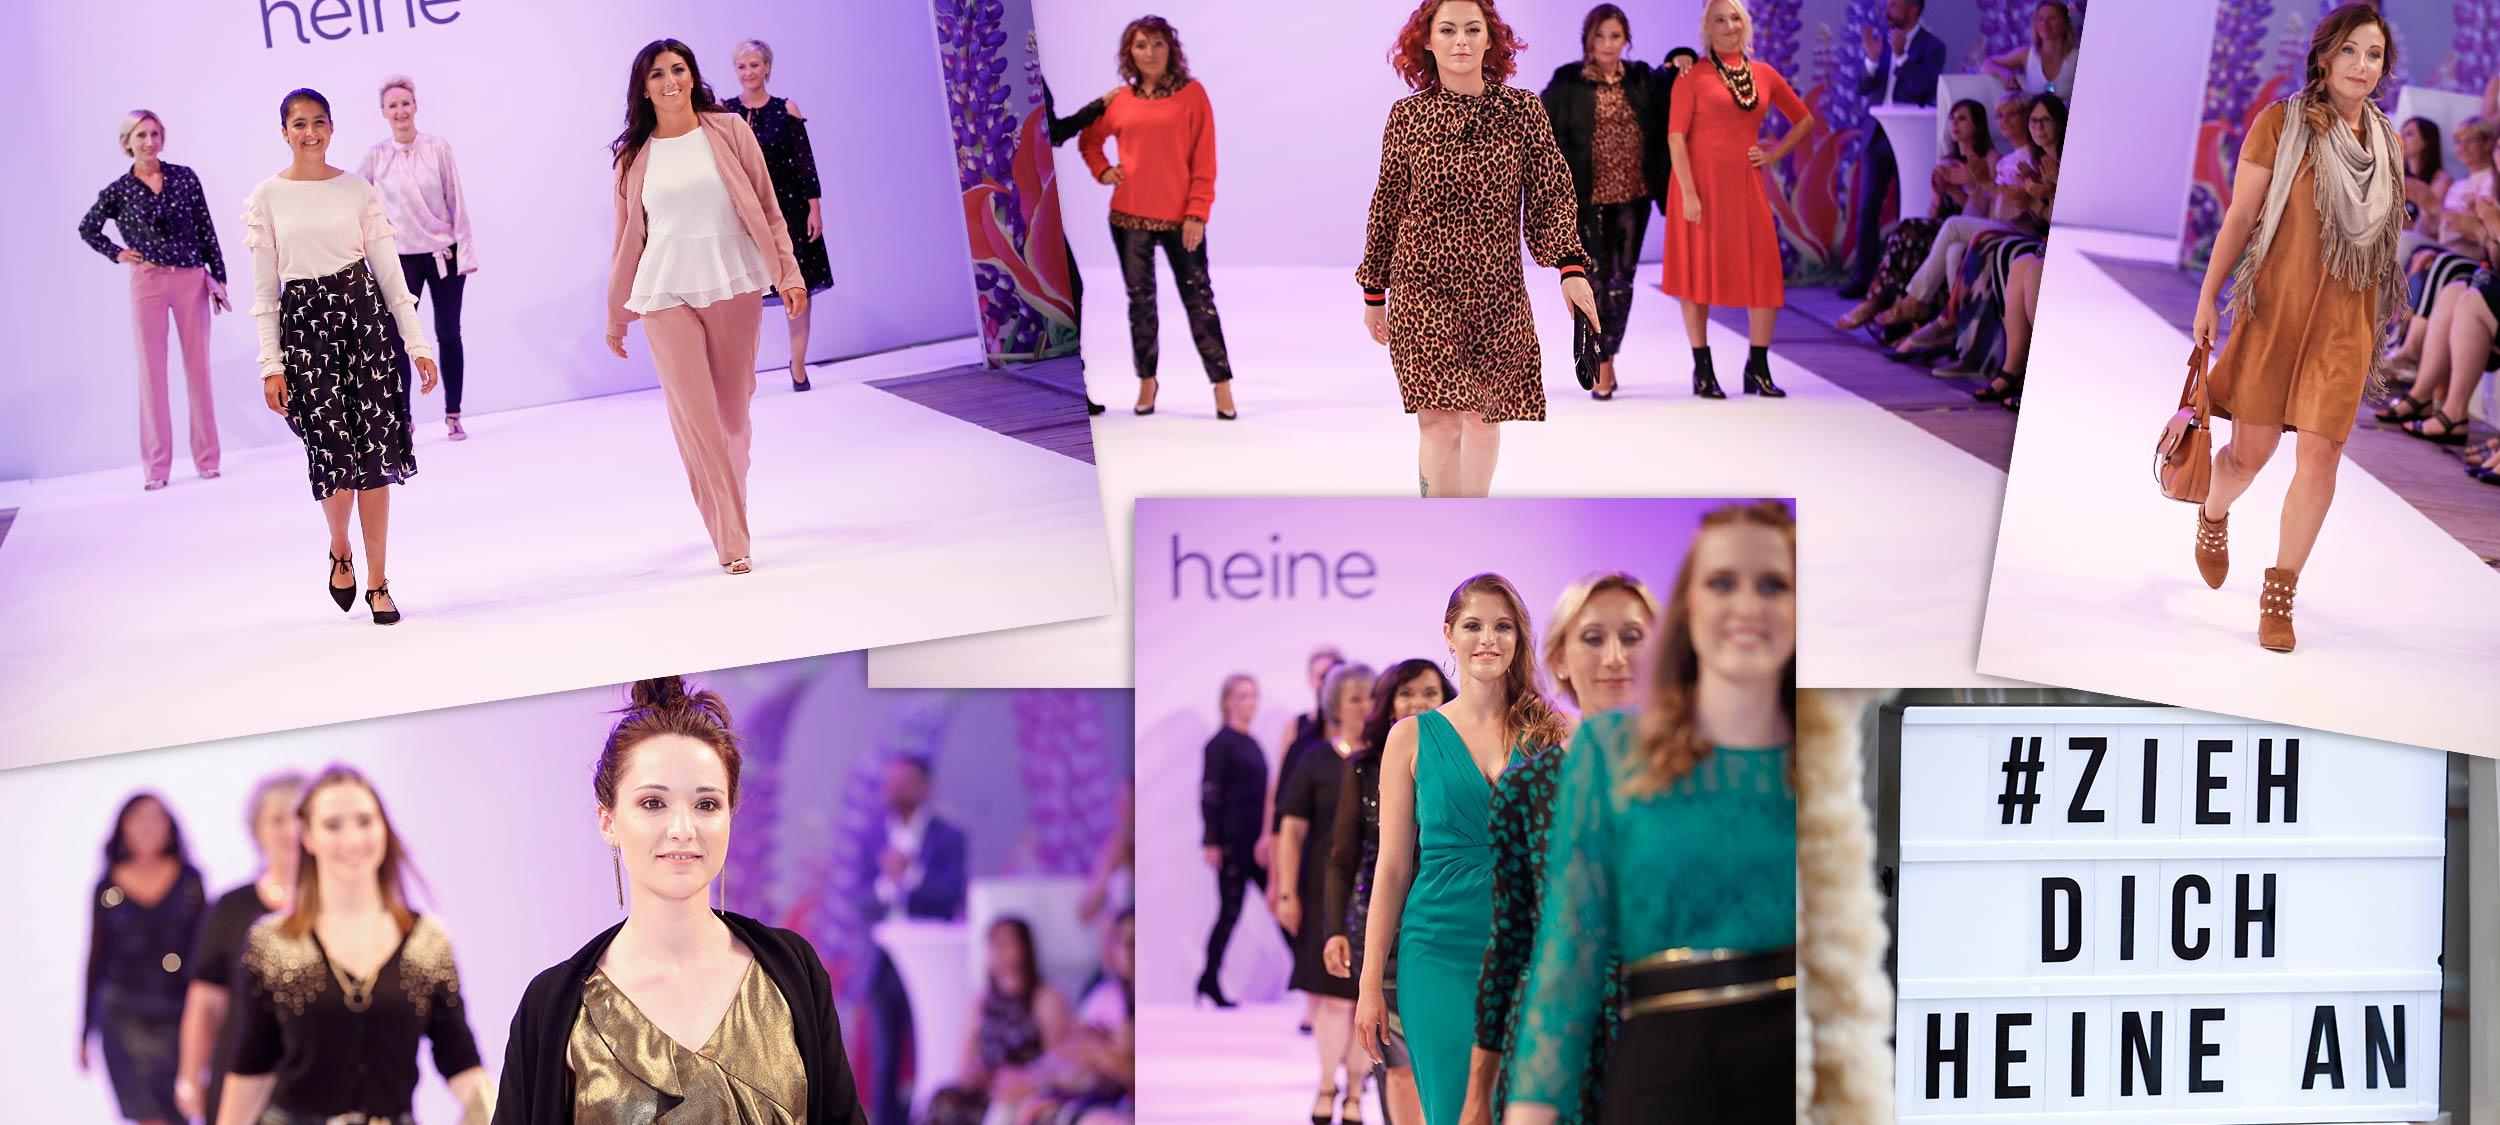 Das heine Fashion Festival – Herbst/Winter 2018